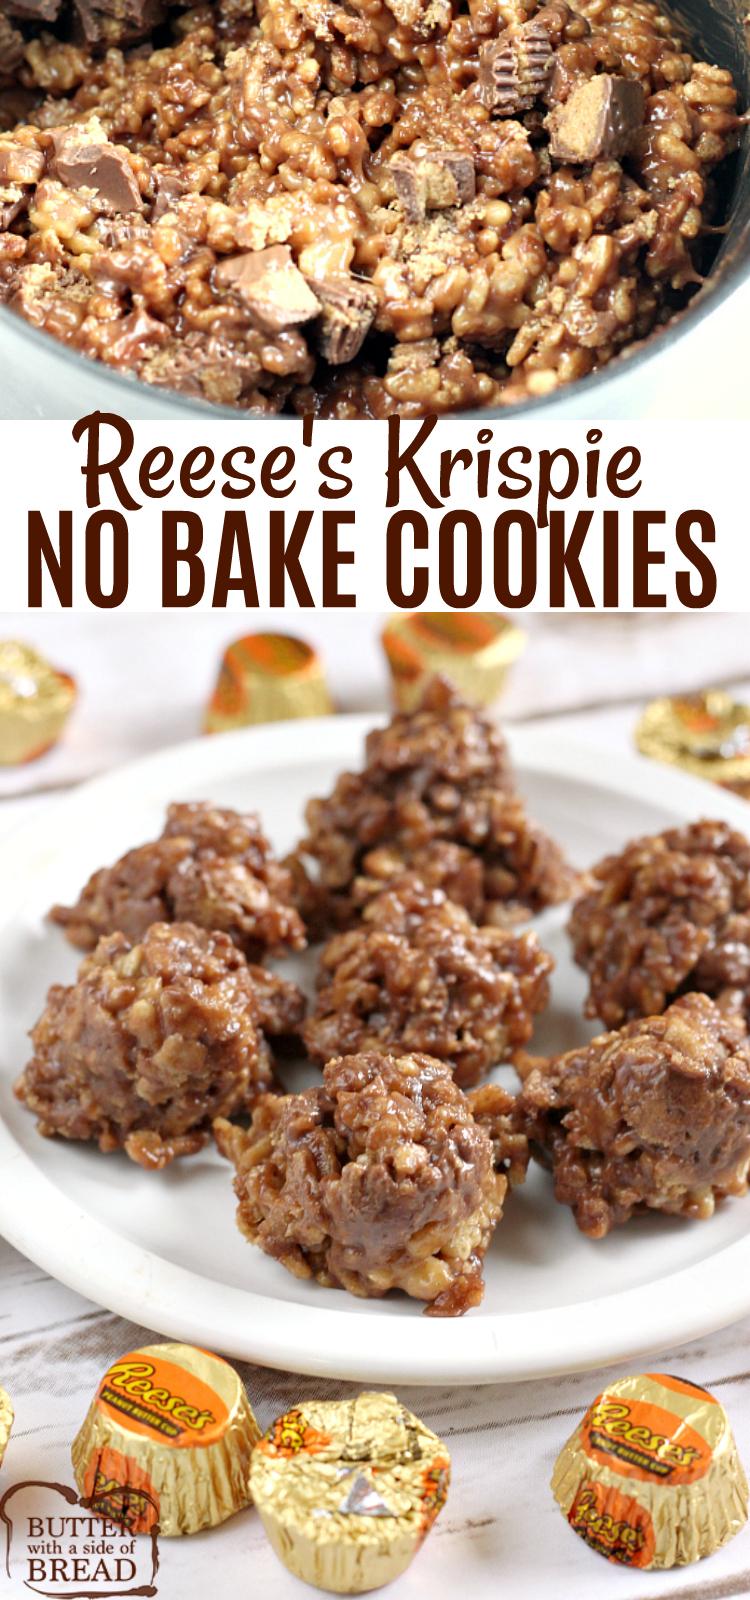 REESE'S KRISPIE NO BAKE COOKIES